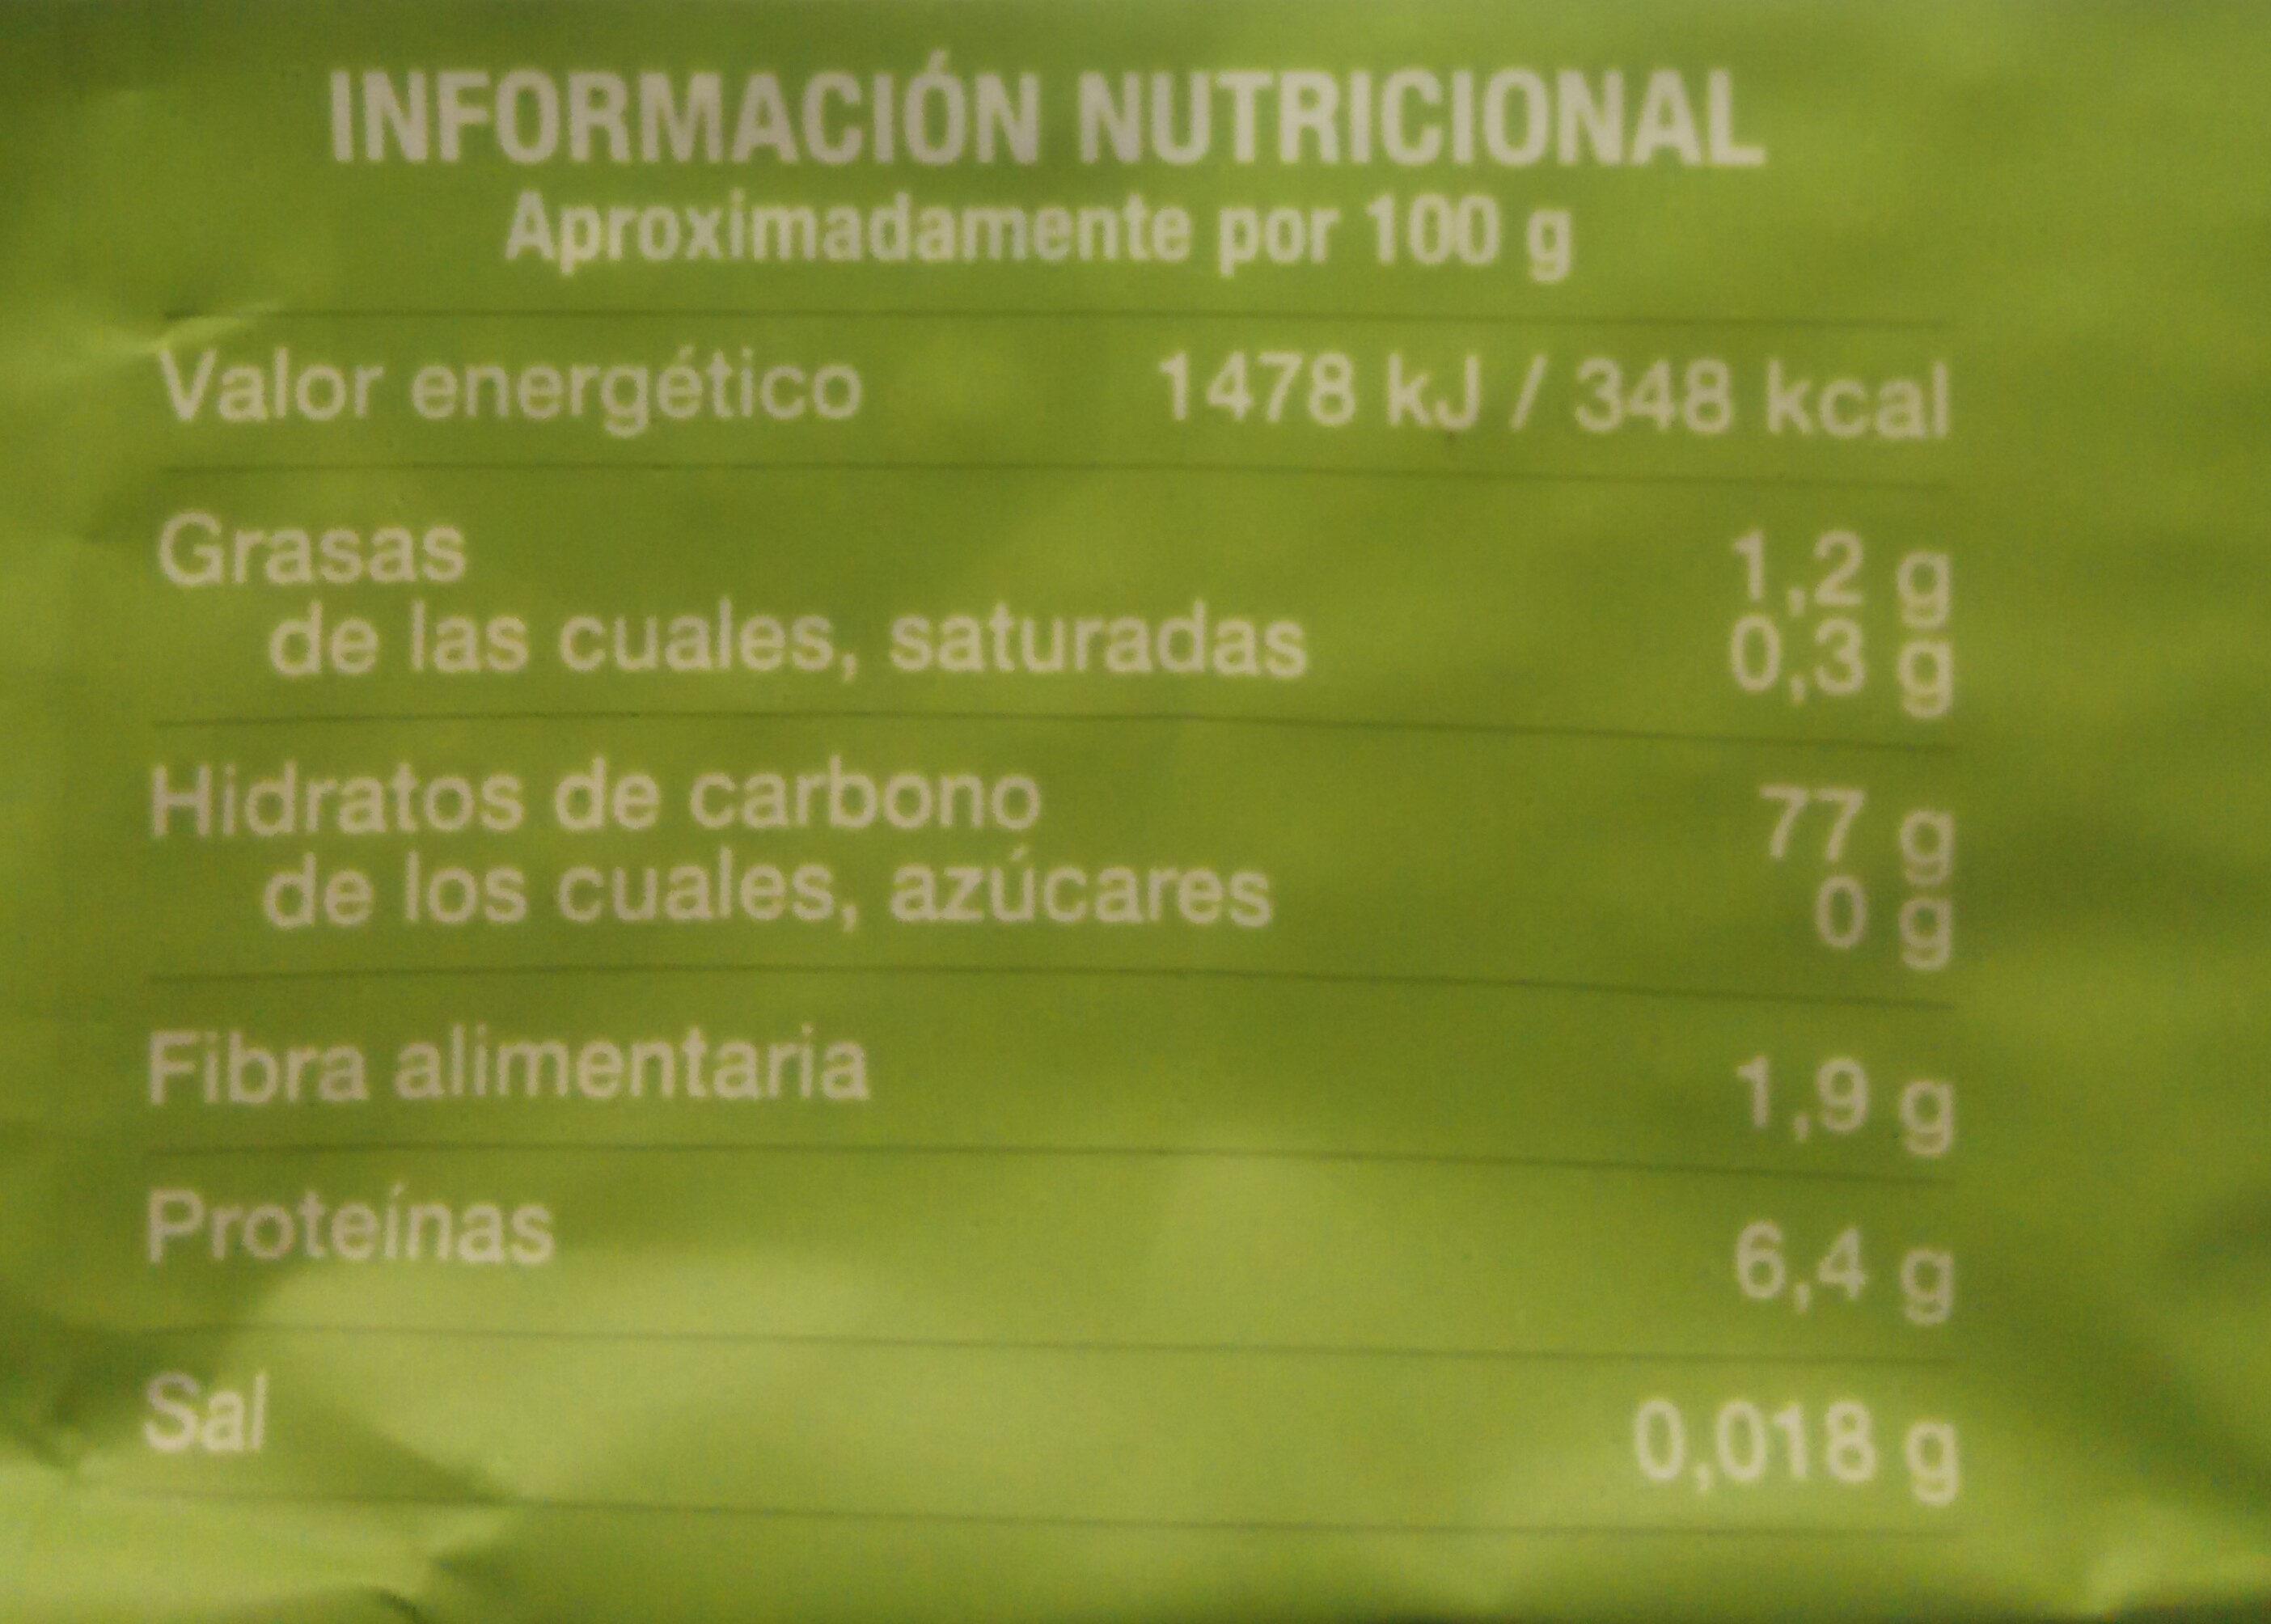 Brillante Sabroz - Información nutricional - es